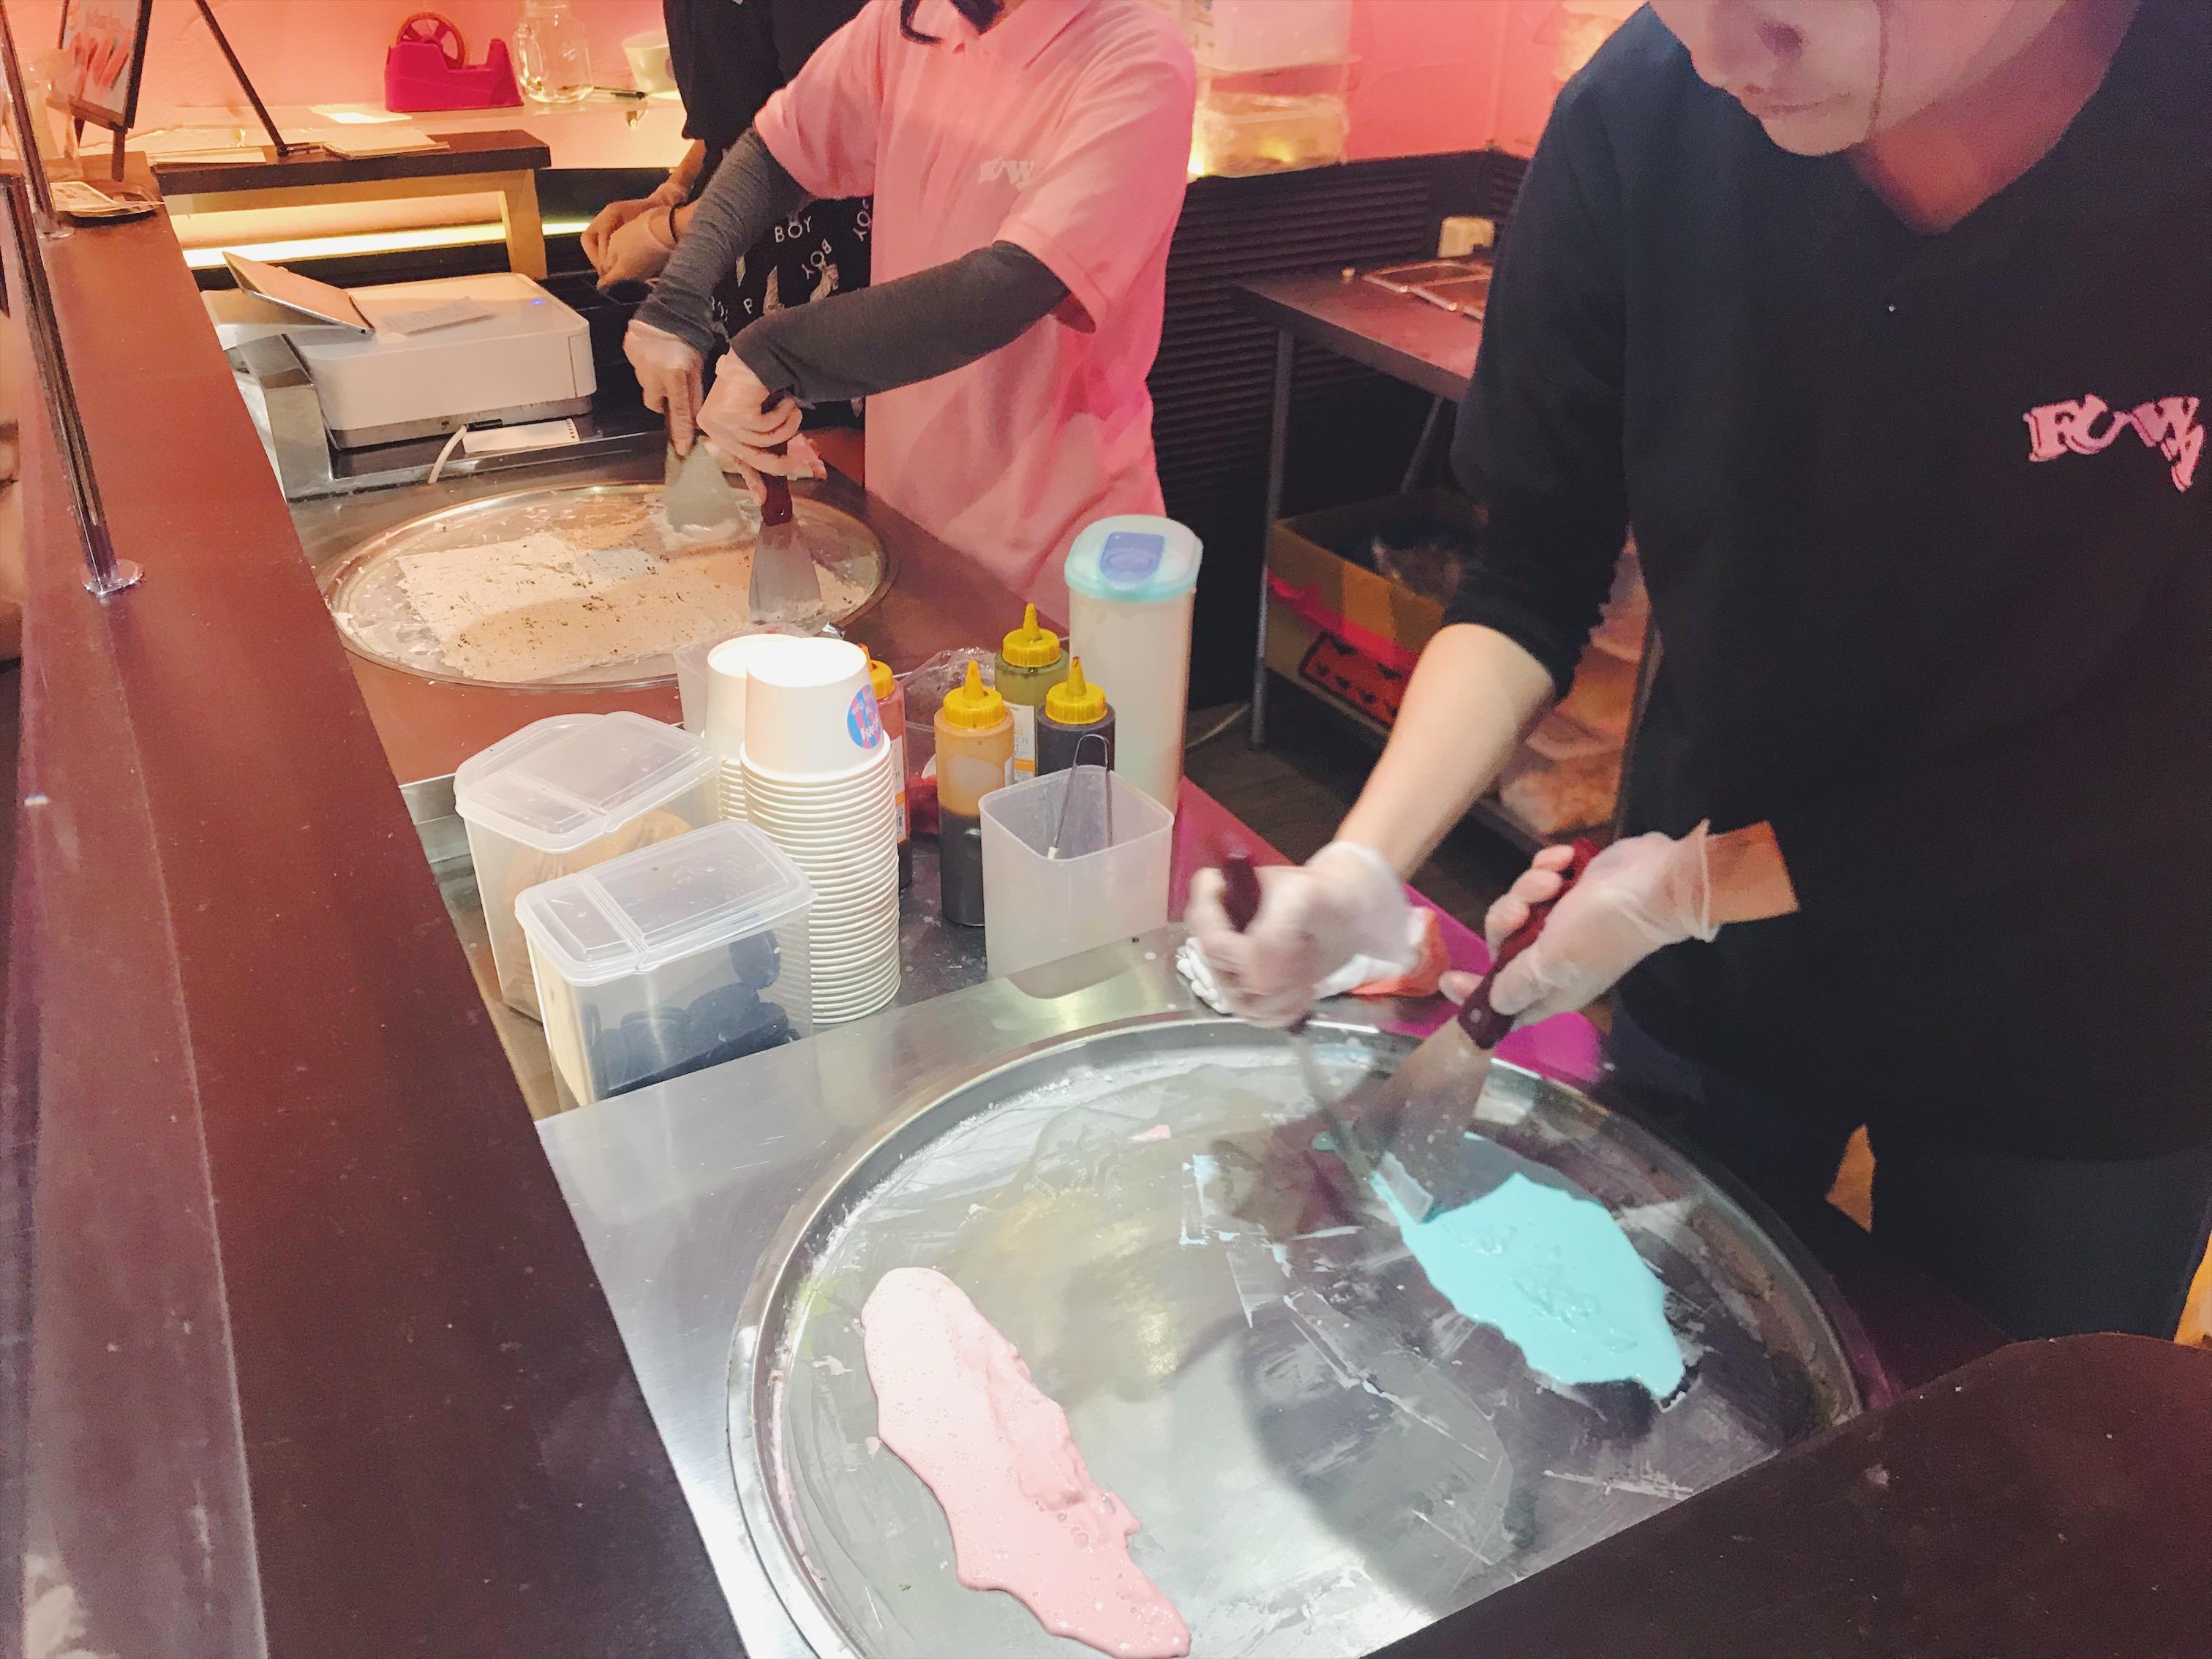 大須のロールアイスクリームは『FUWA CANDY STORE』で決まり! - 3A4A3EAF 1472 42FF 9B37 29F5D793D327 1